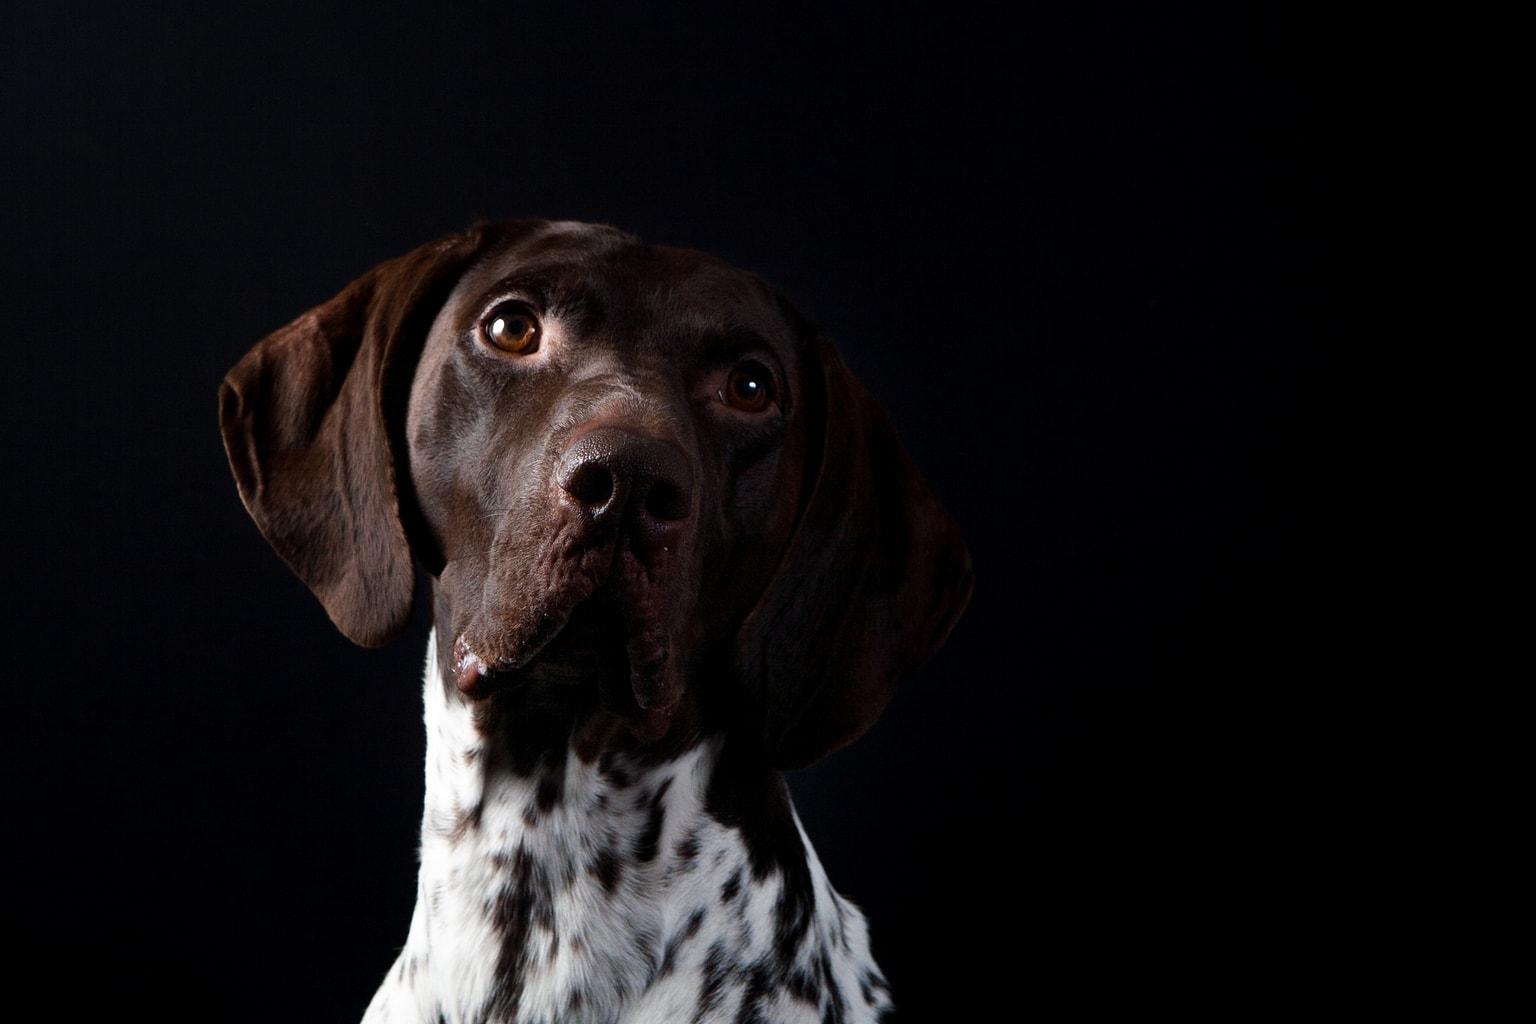 retrato perro con fondo oscuro